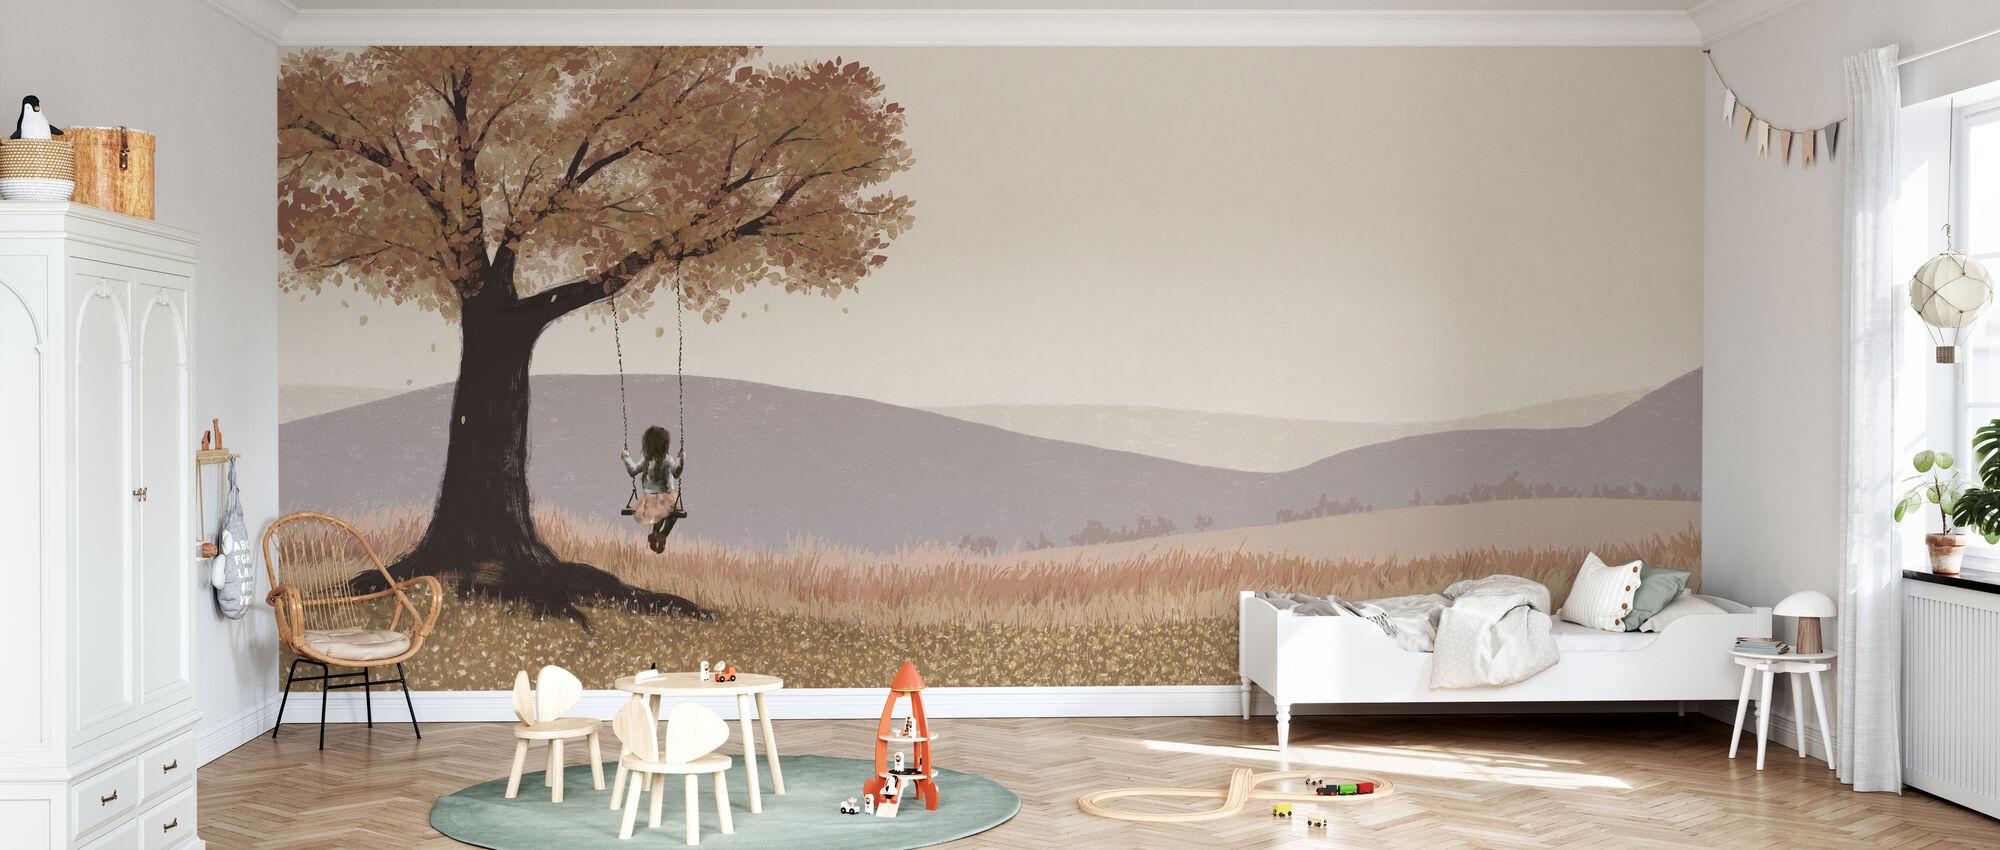 Fall Field - Girl on a Swing II - Wallpaper - Kids Room